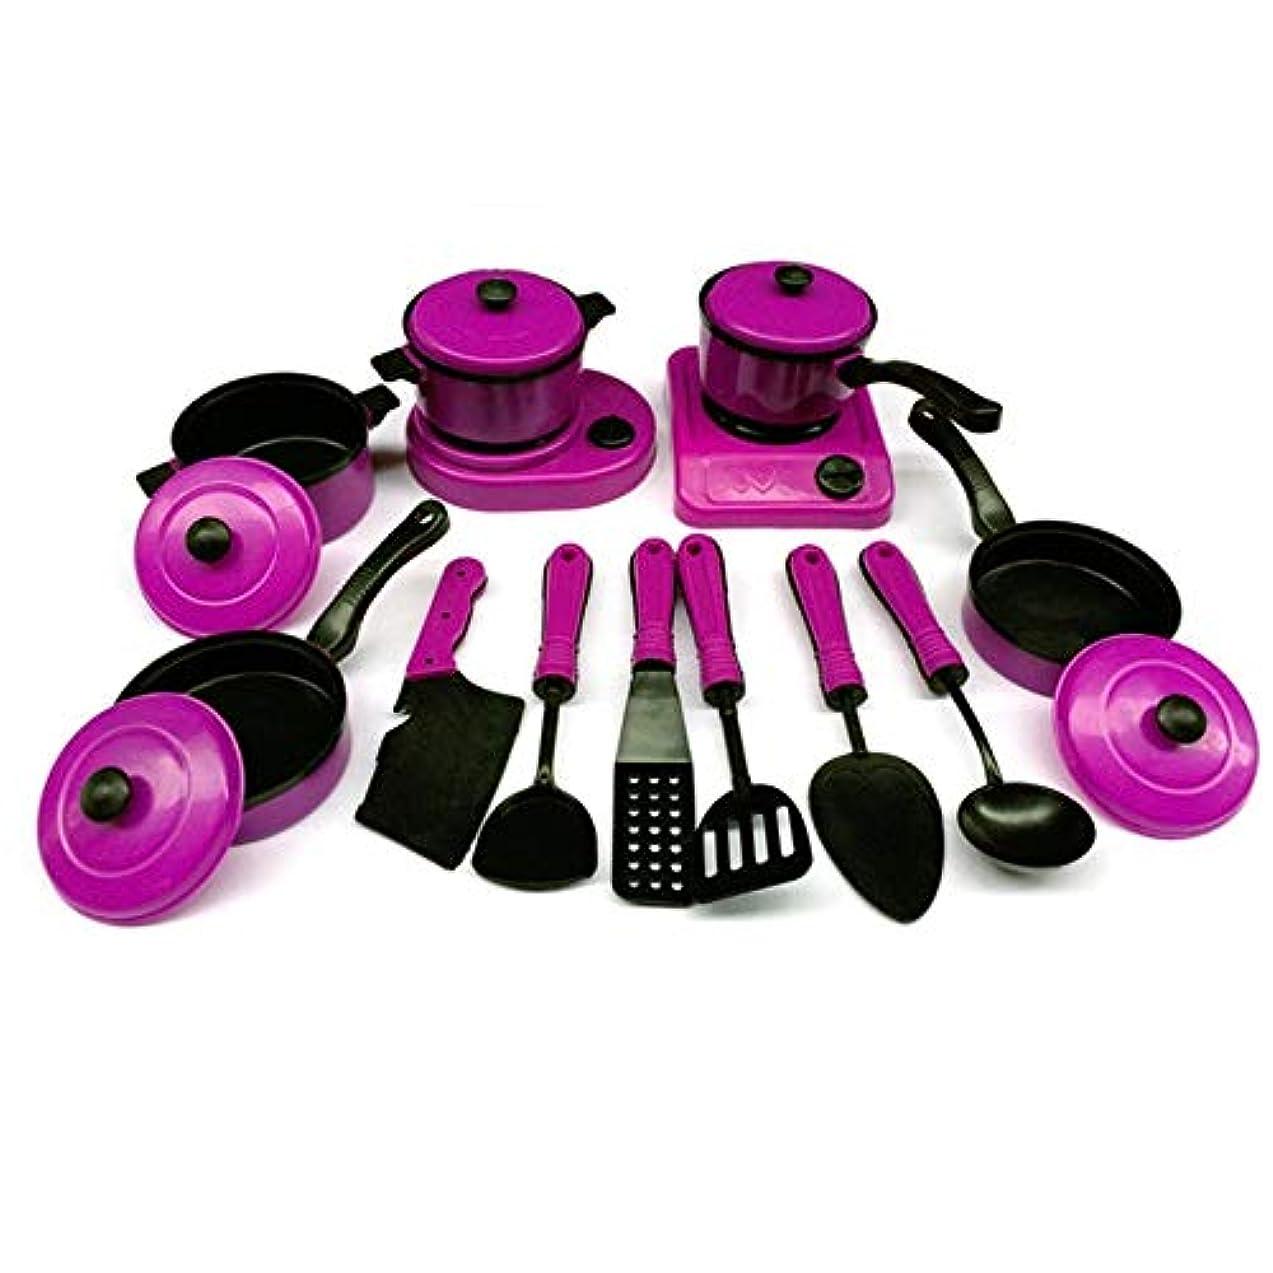 かなりの猟犬悪魔CTA キッチン道具のおもちゃ教育子供のおもちゃプラスチックキッチンプレイセット人工食器調理鍋子供フライパン食品